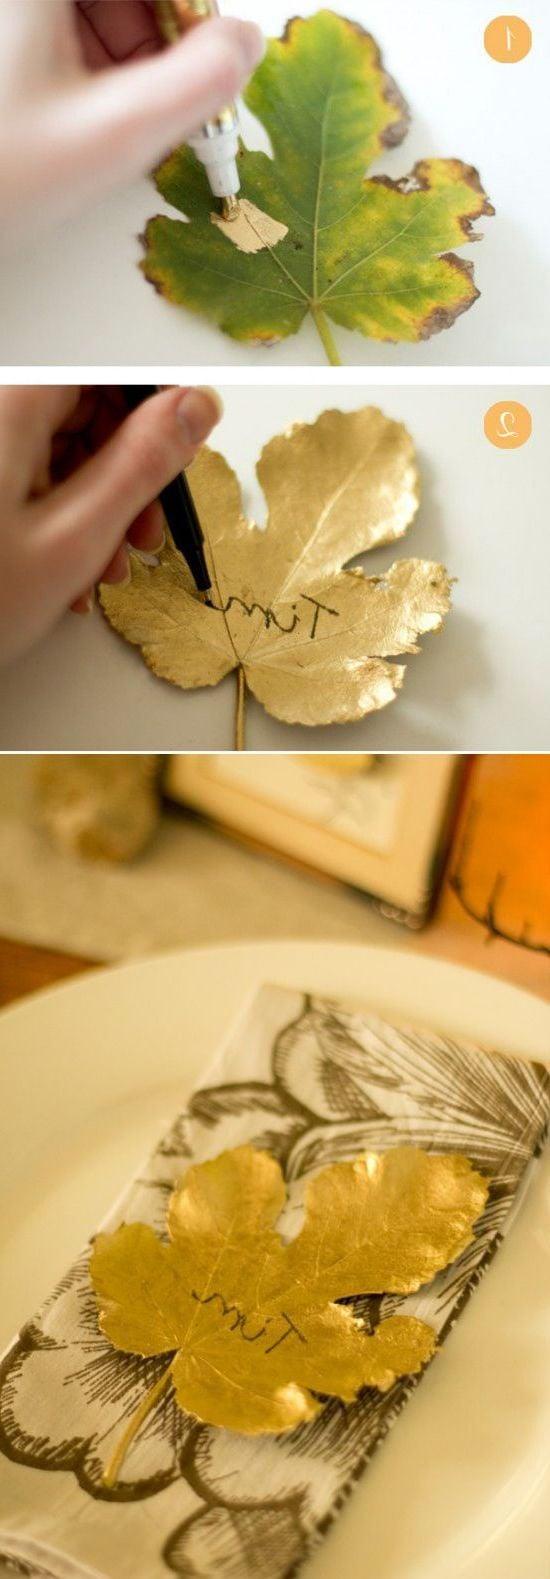 Tischdeko Herbst - Platzkarten mit Herbstblätter basteln